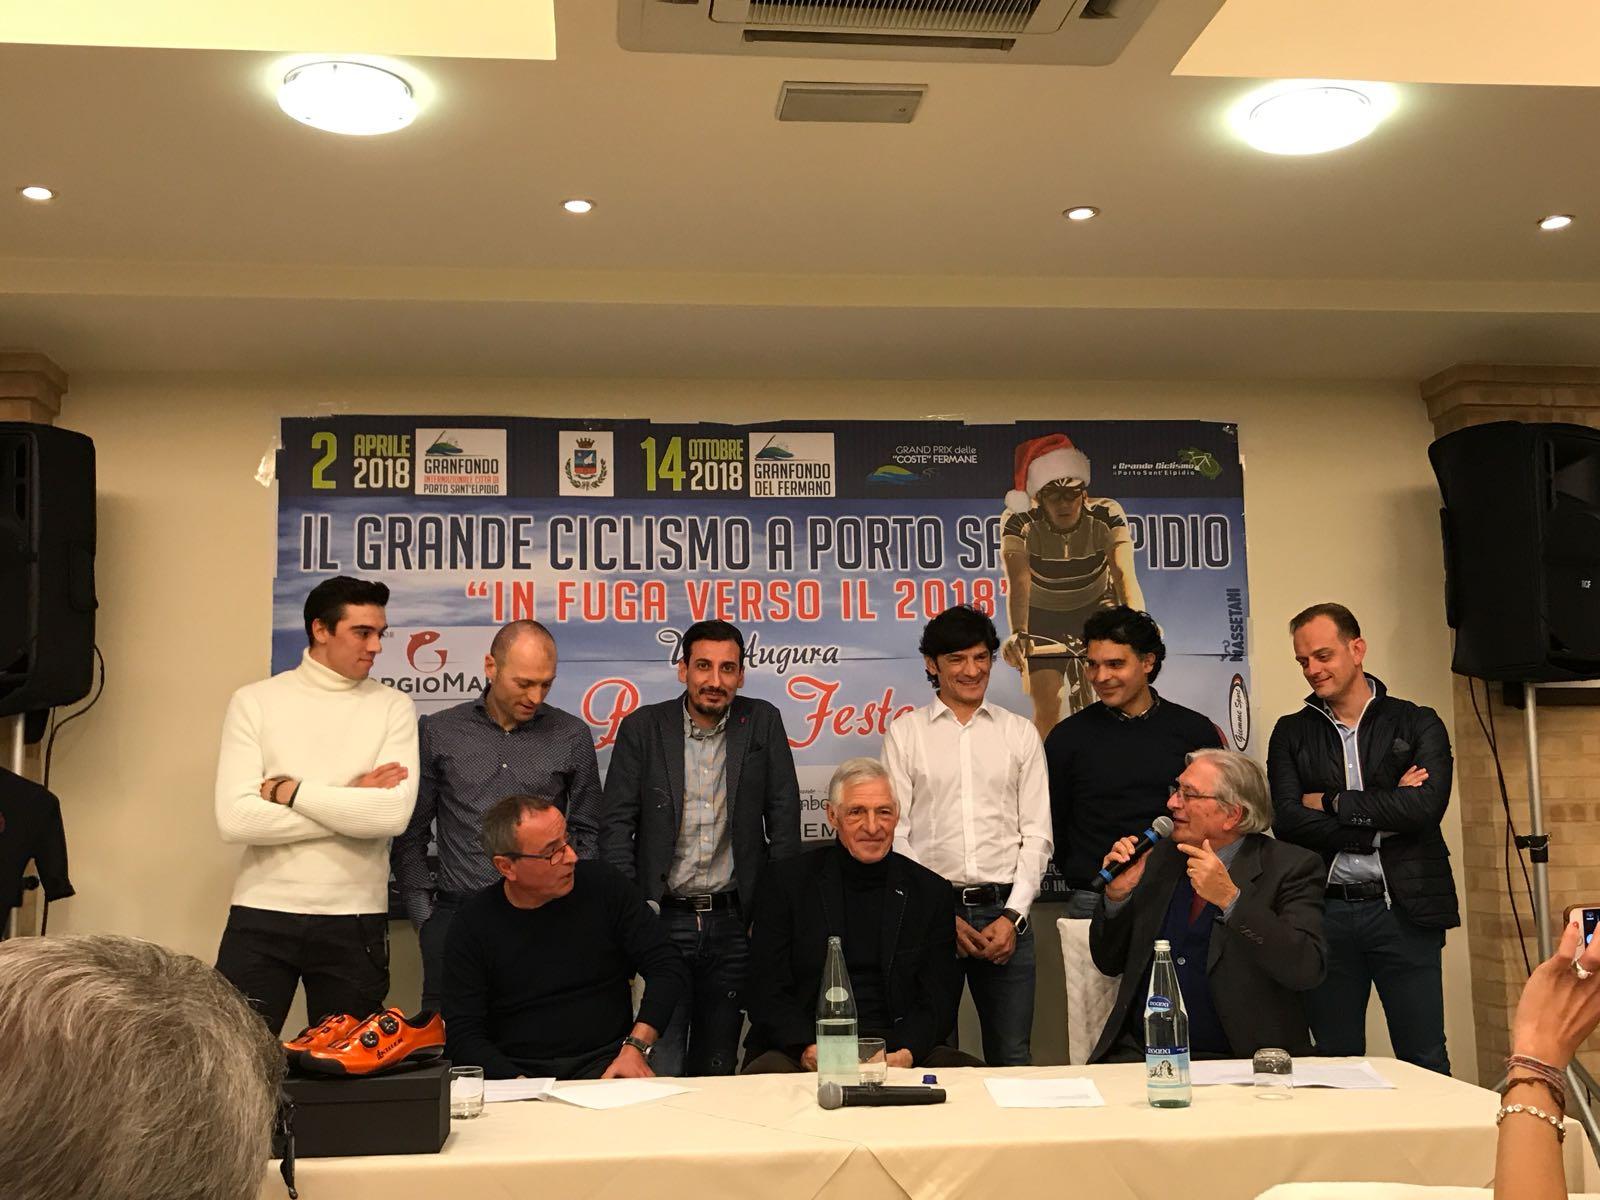 Porto Sant'Elpidio, in fuga verso il 2018, incontro con Francesco Moser e ex-professionisti ciclismo